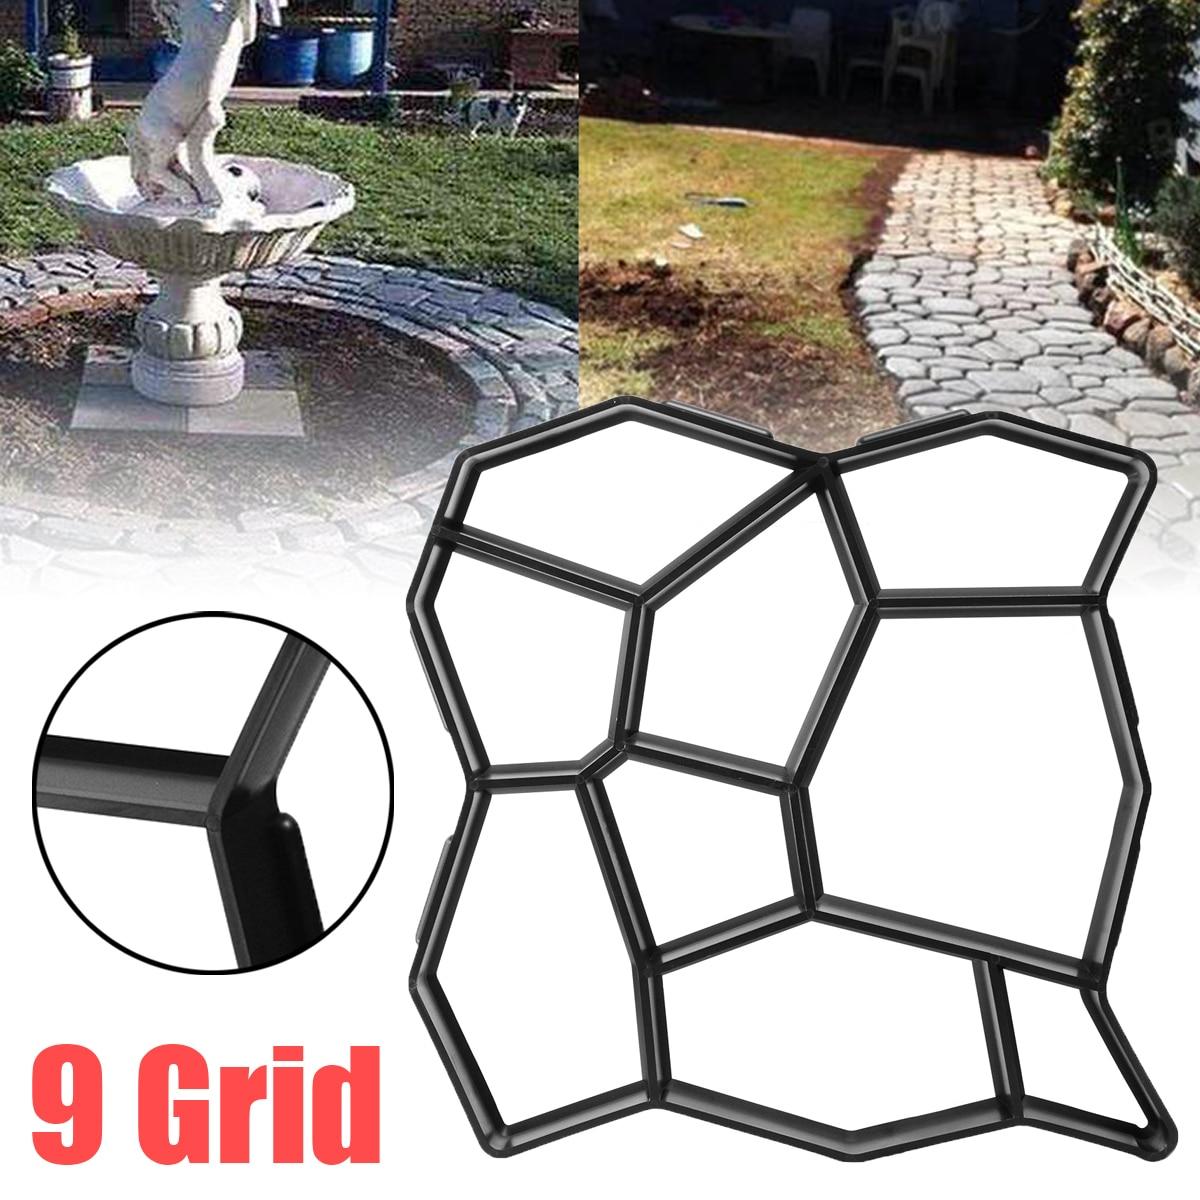 9 Grid 50cm Garden Pavement Mold Walk Pavement Concrete Mould DIY Paving Cement Brick Stone Road Floor Path Maker Mould